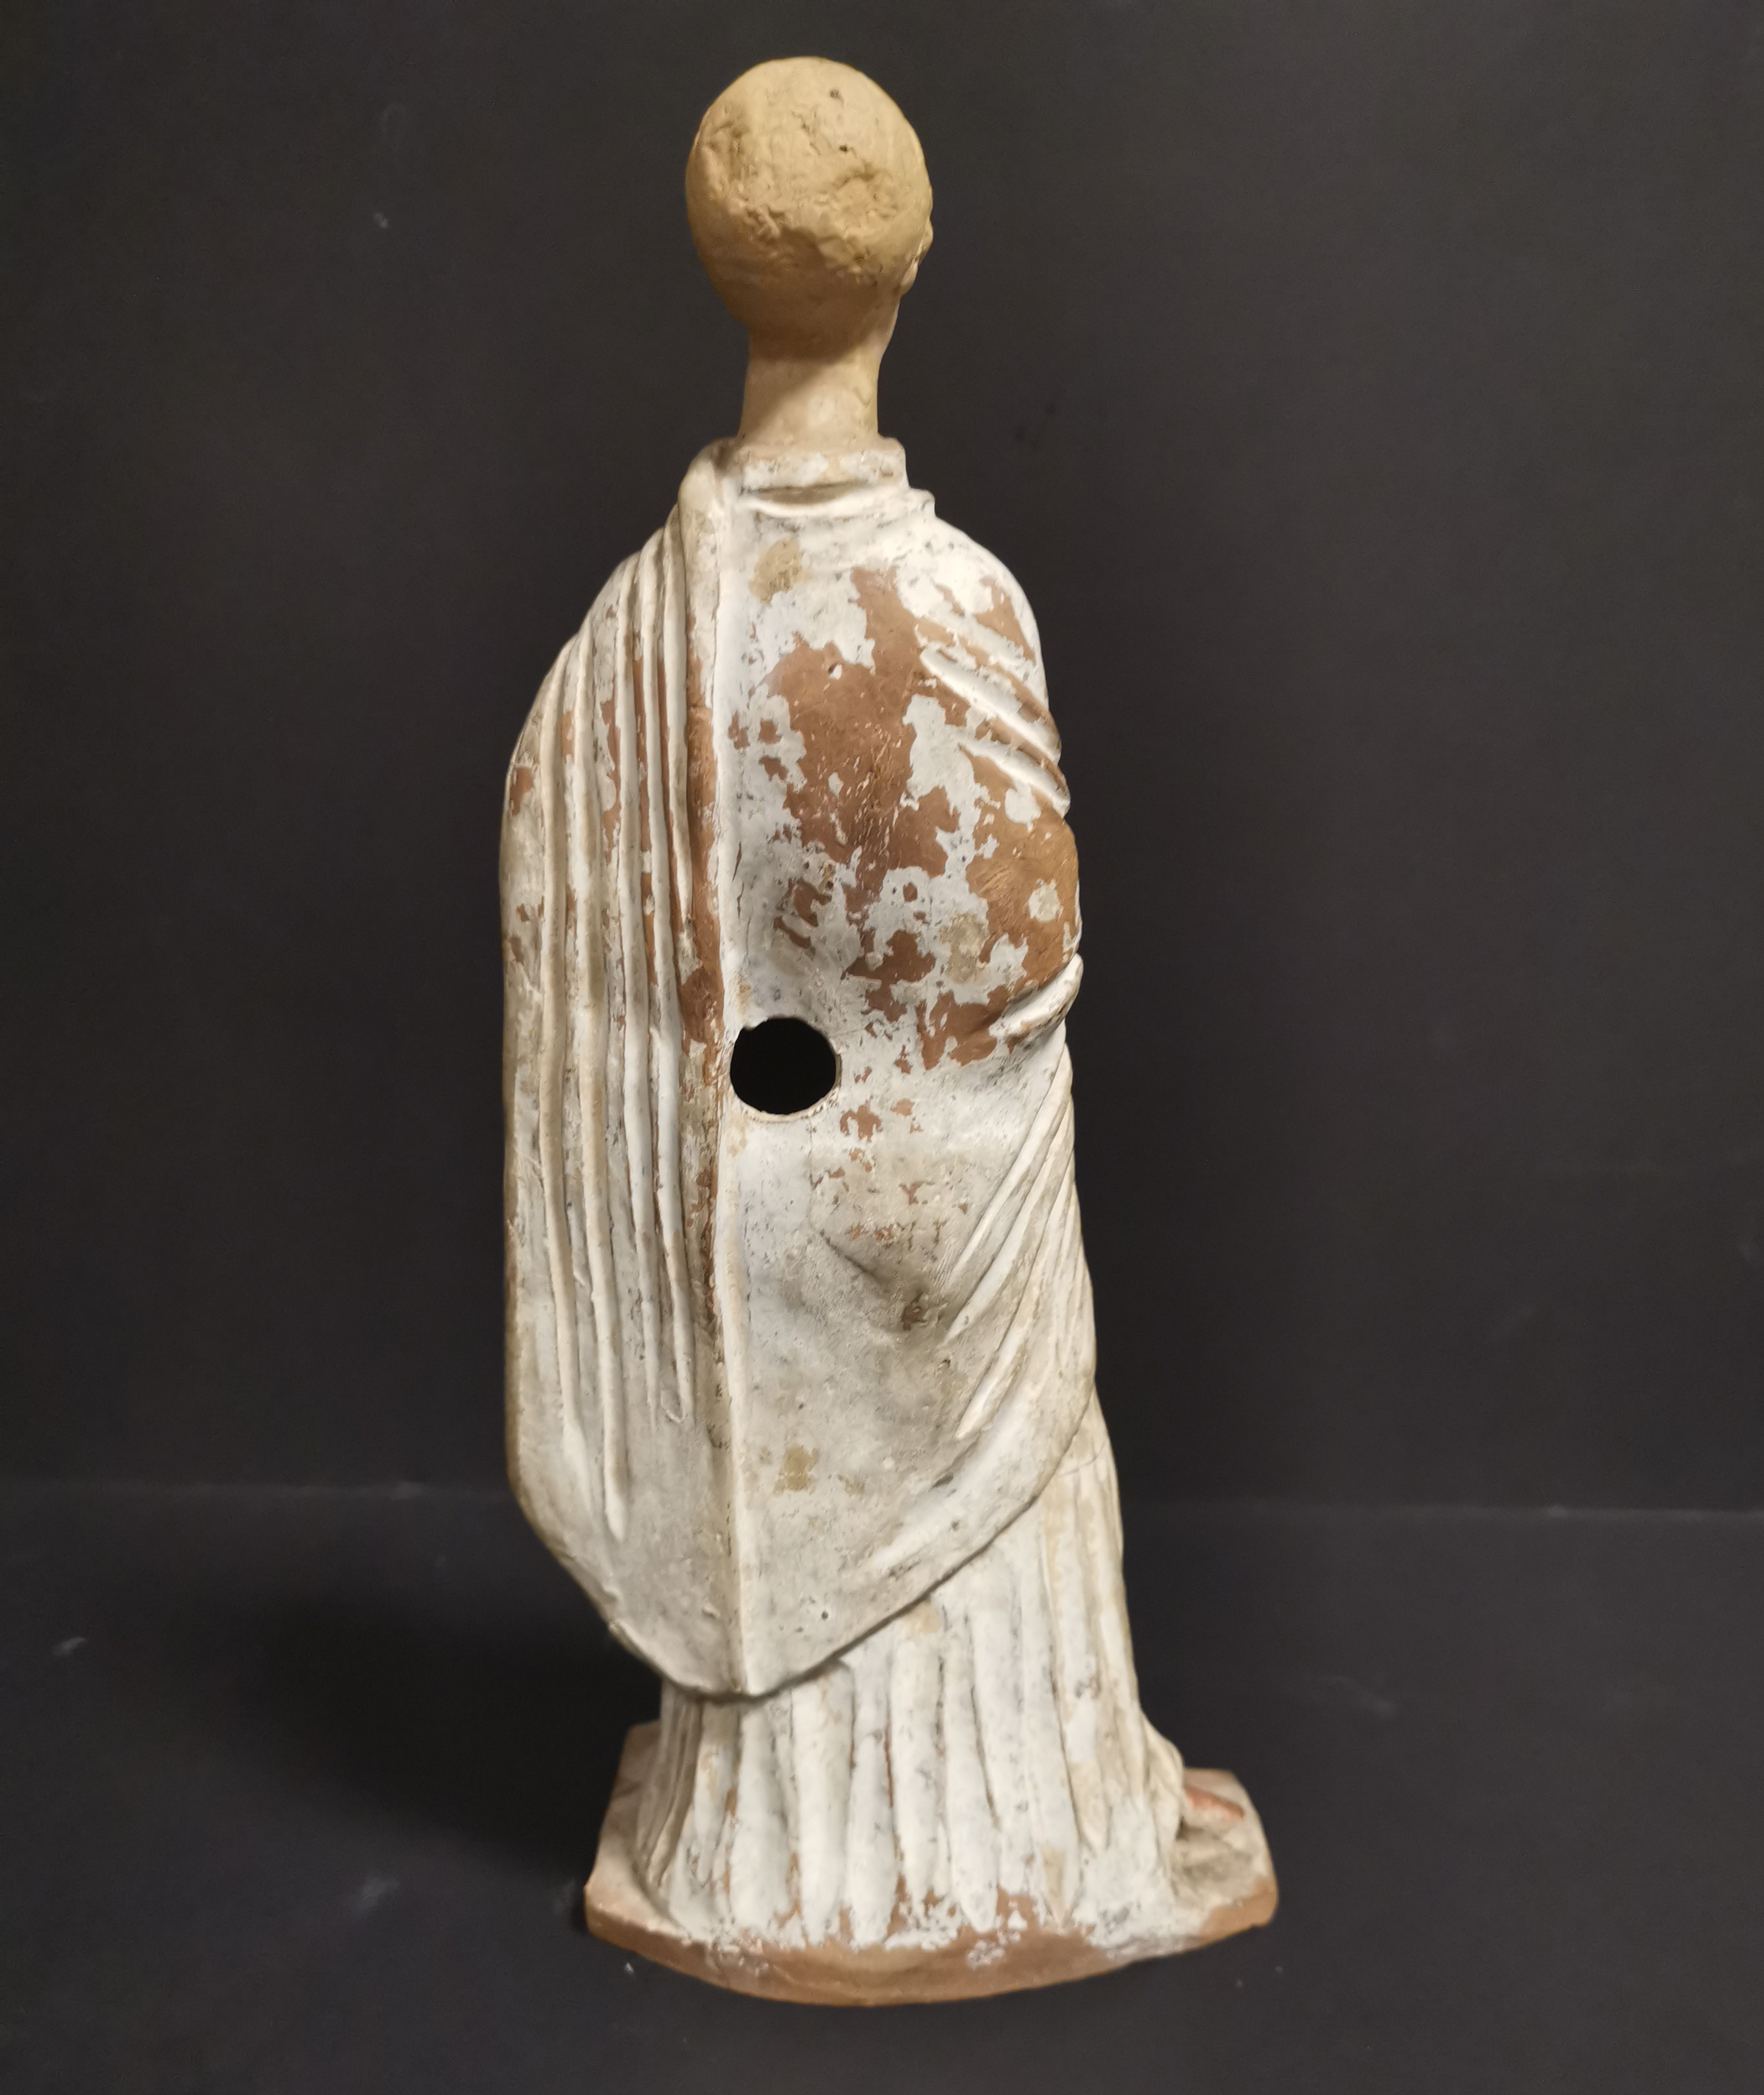 GRECE, dans le goût de. Tanagra en terre cuite représentant un personnage féminin [...] - Image 3 of 8